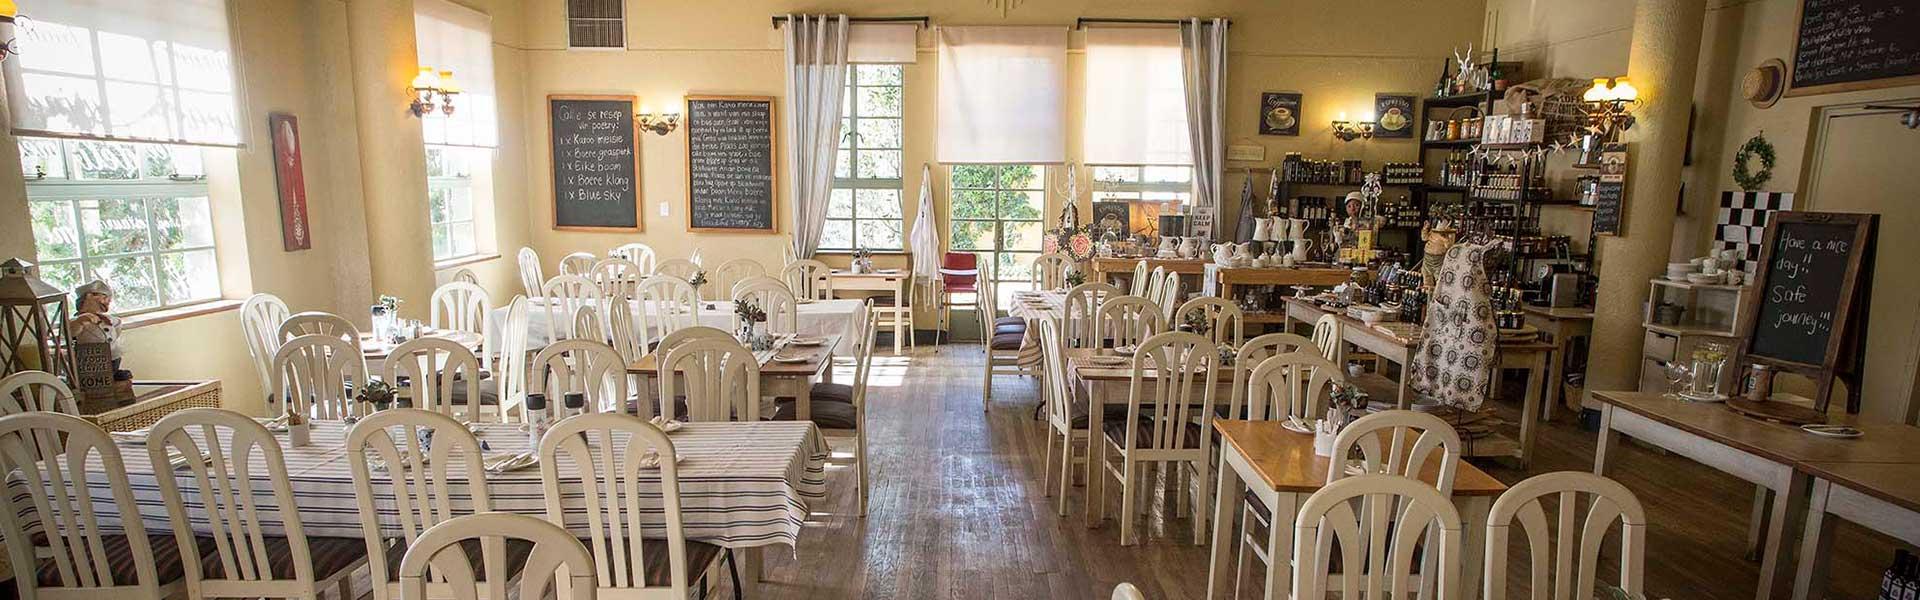 cafeslide01